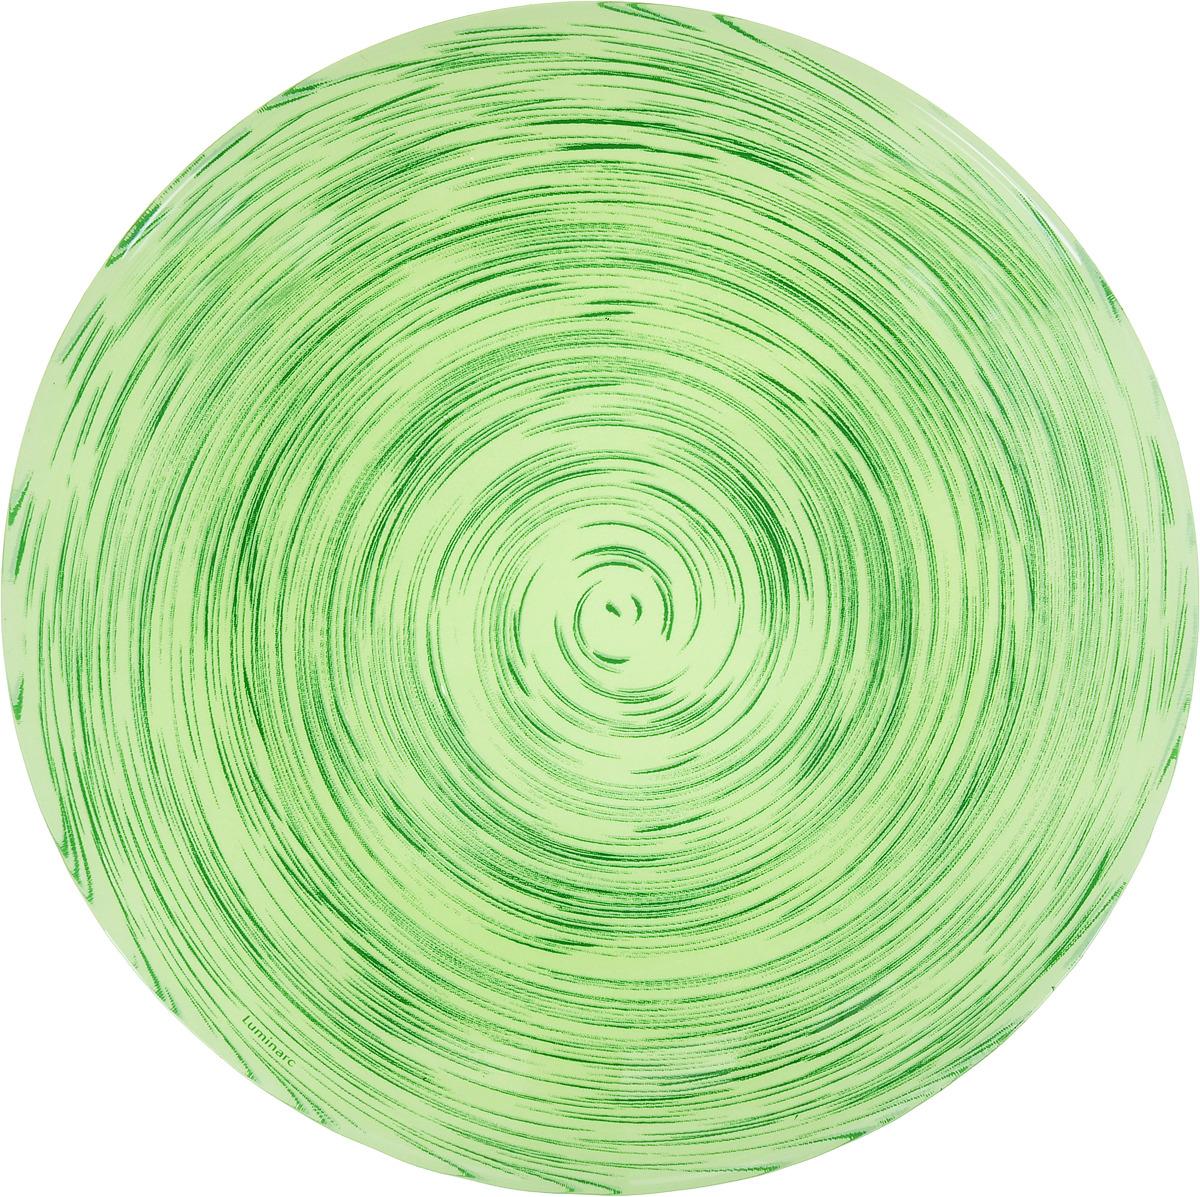 Тарелка суповая Luminarc Stonemania Pistache, диаметр 20 см luminarc суповая brush mania red 20 см